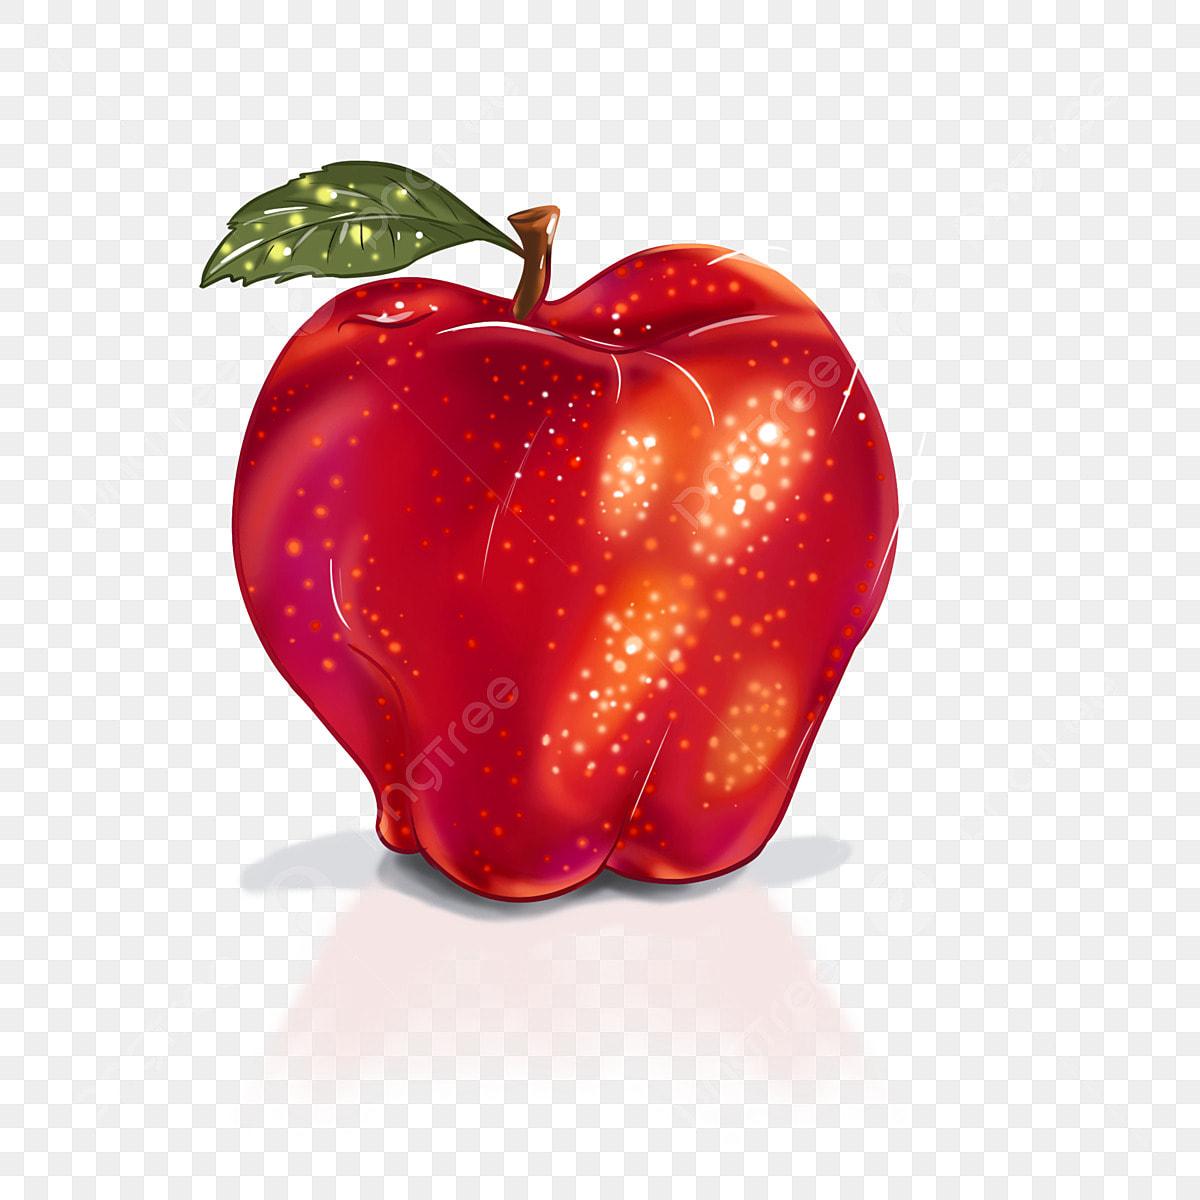 Image Brillante De Noel.Pomme Rouge Brillante De La Veille Noel Pomme Apple Veille